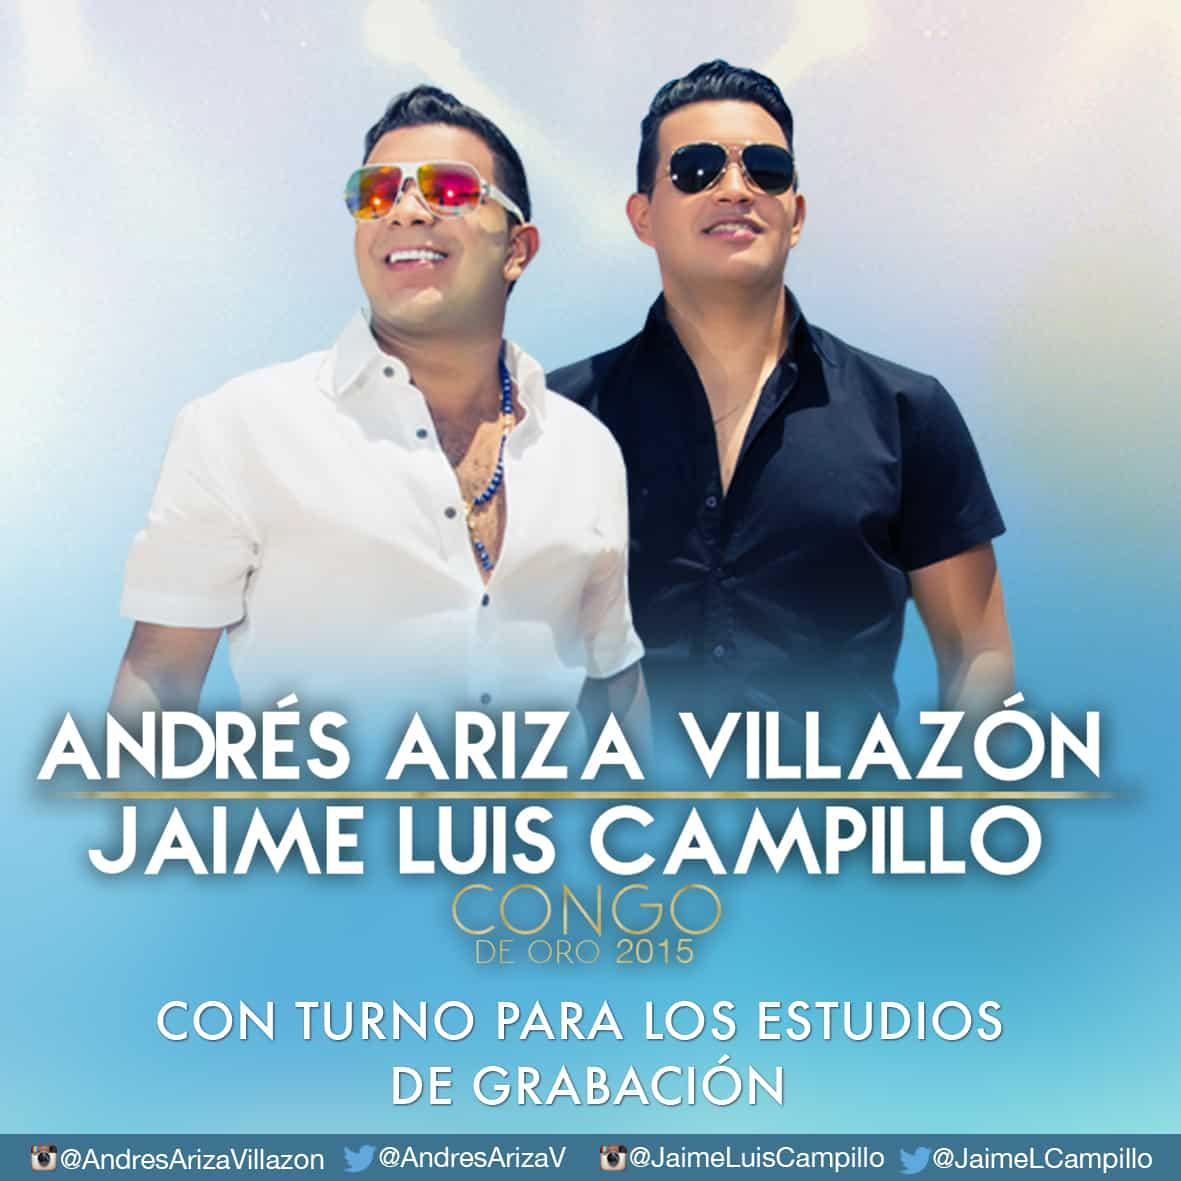 Andrés Ariza Villazón y Jaime Luís Campillo con turno para los estudios de grabación